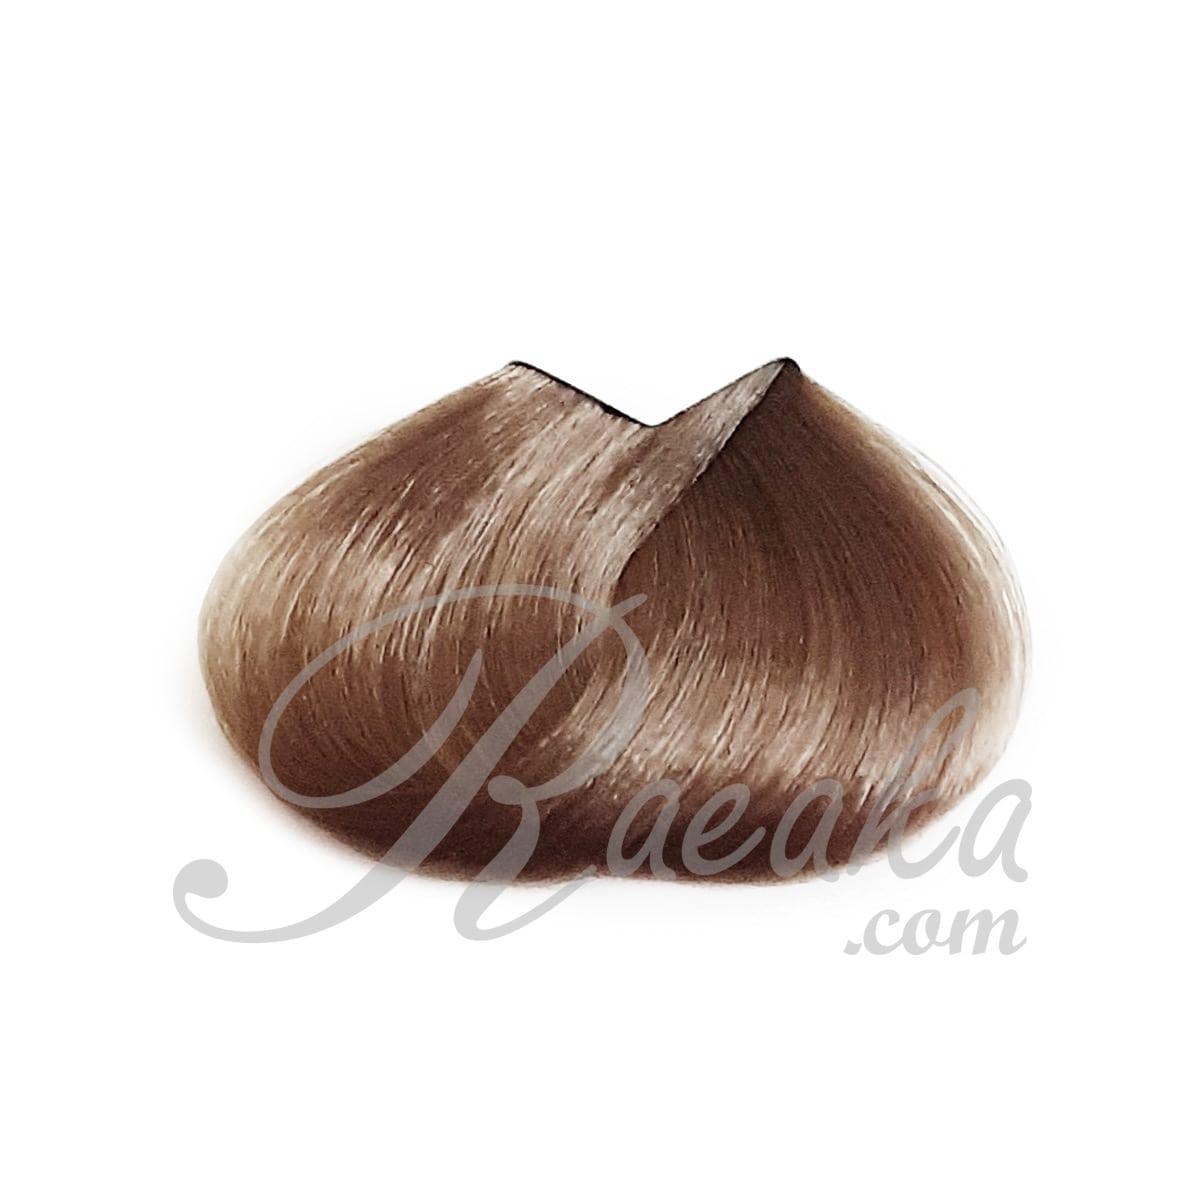 کیت رنگ موی زی فام شماره ۷٫۱ (بلوند دودی) با محافظت سه گانه